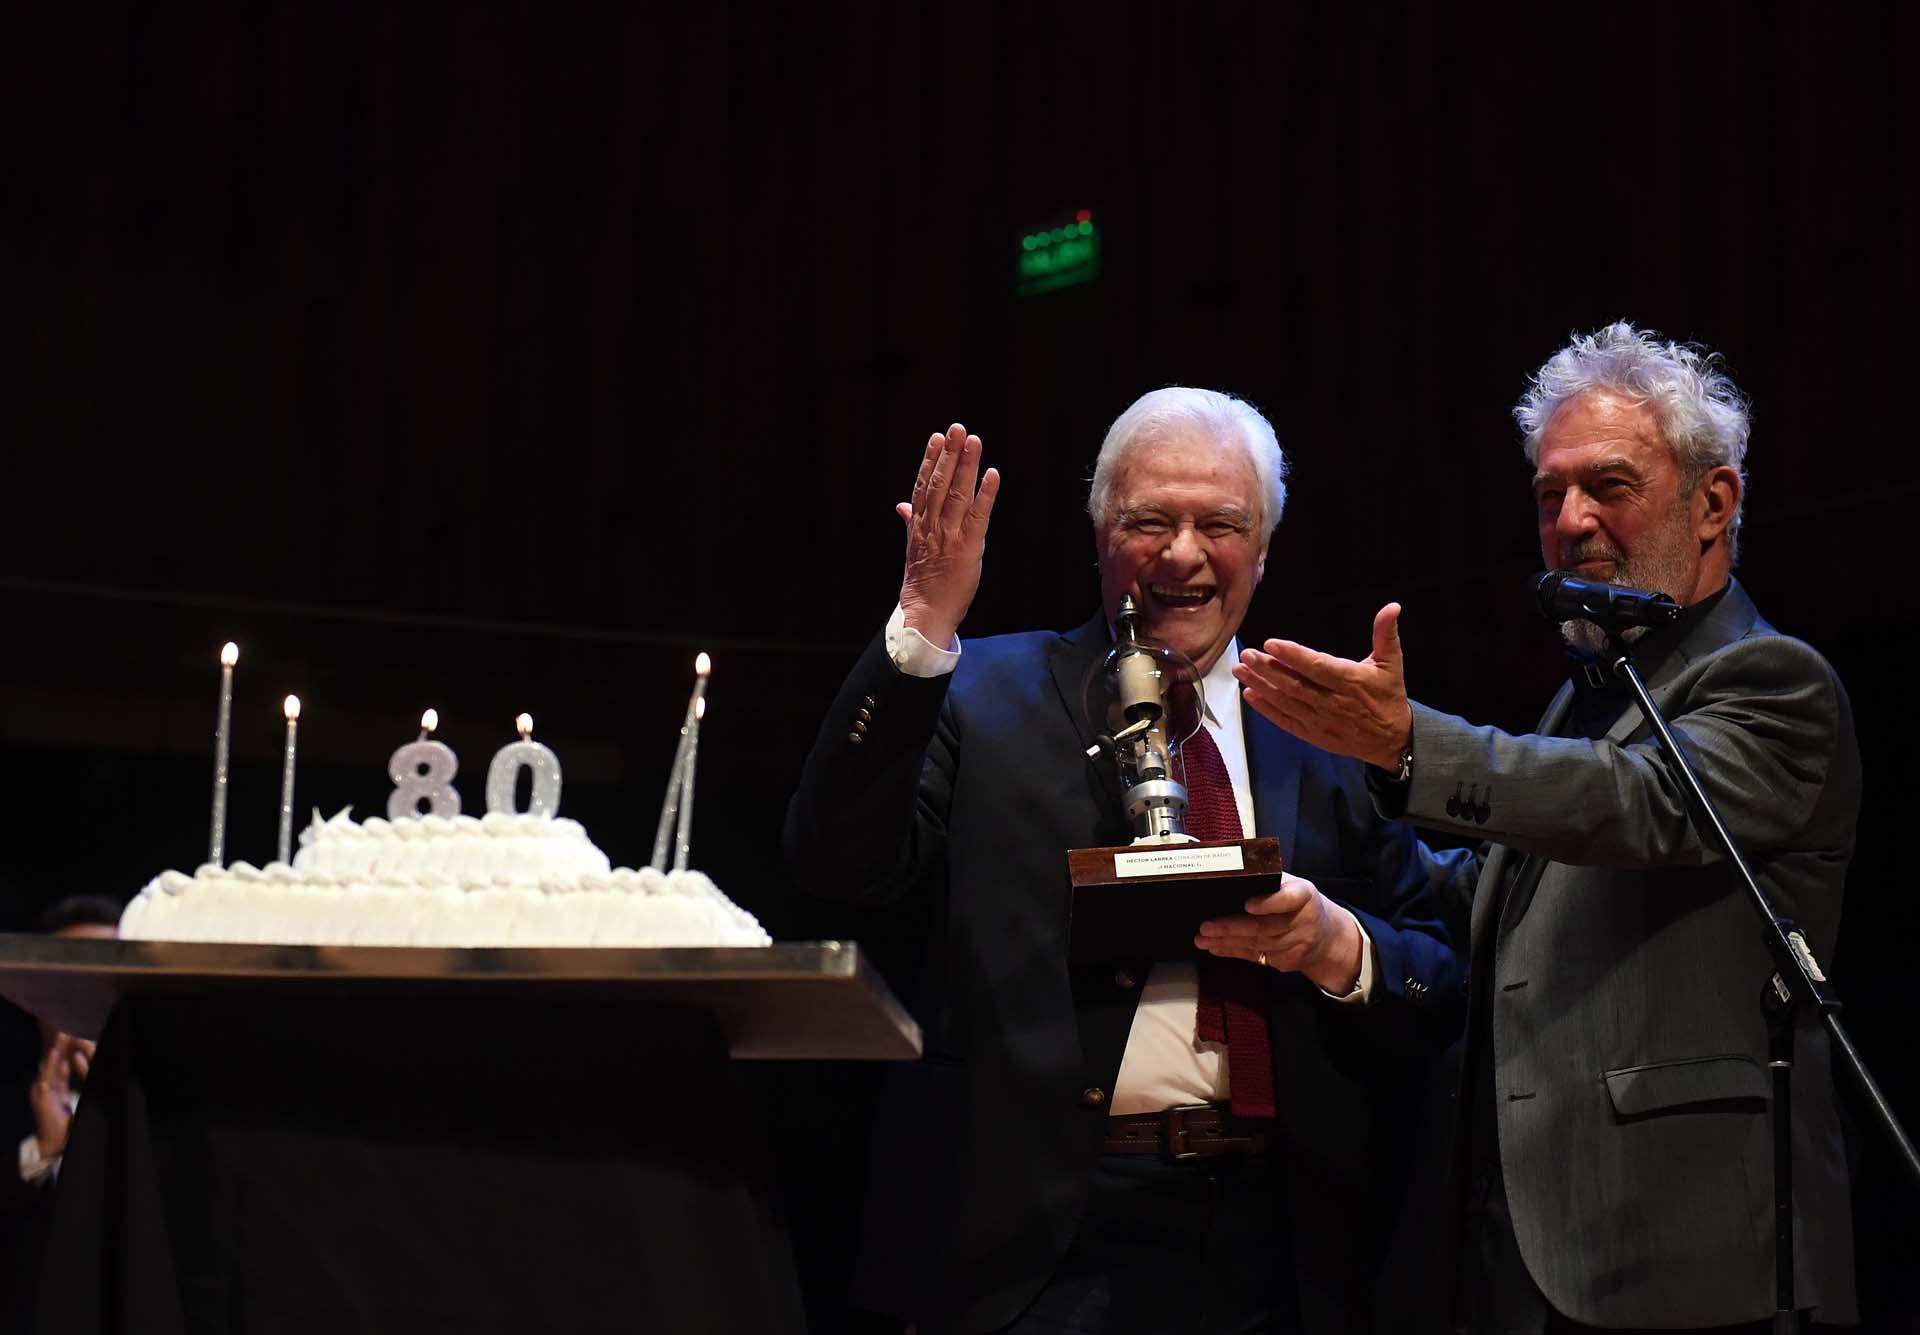 Acompañado por Lalo Mir, el conductor recibió un premio